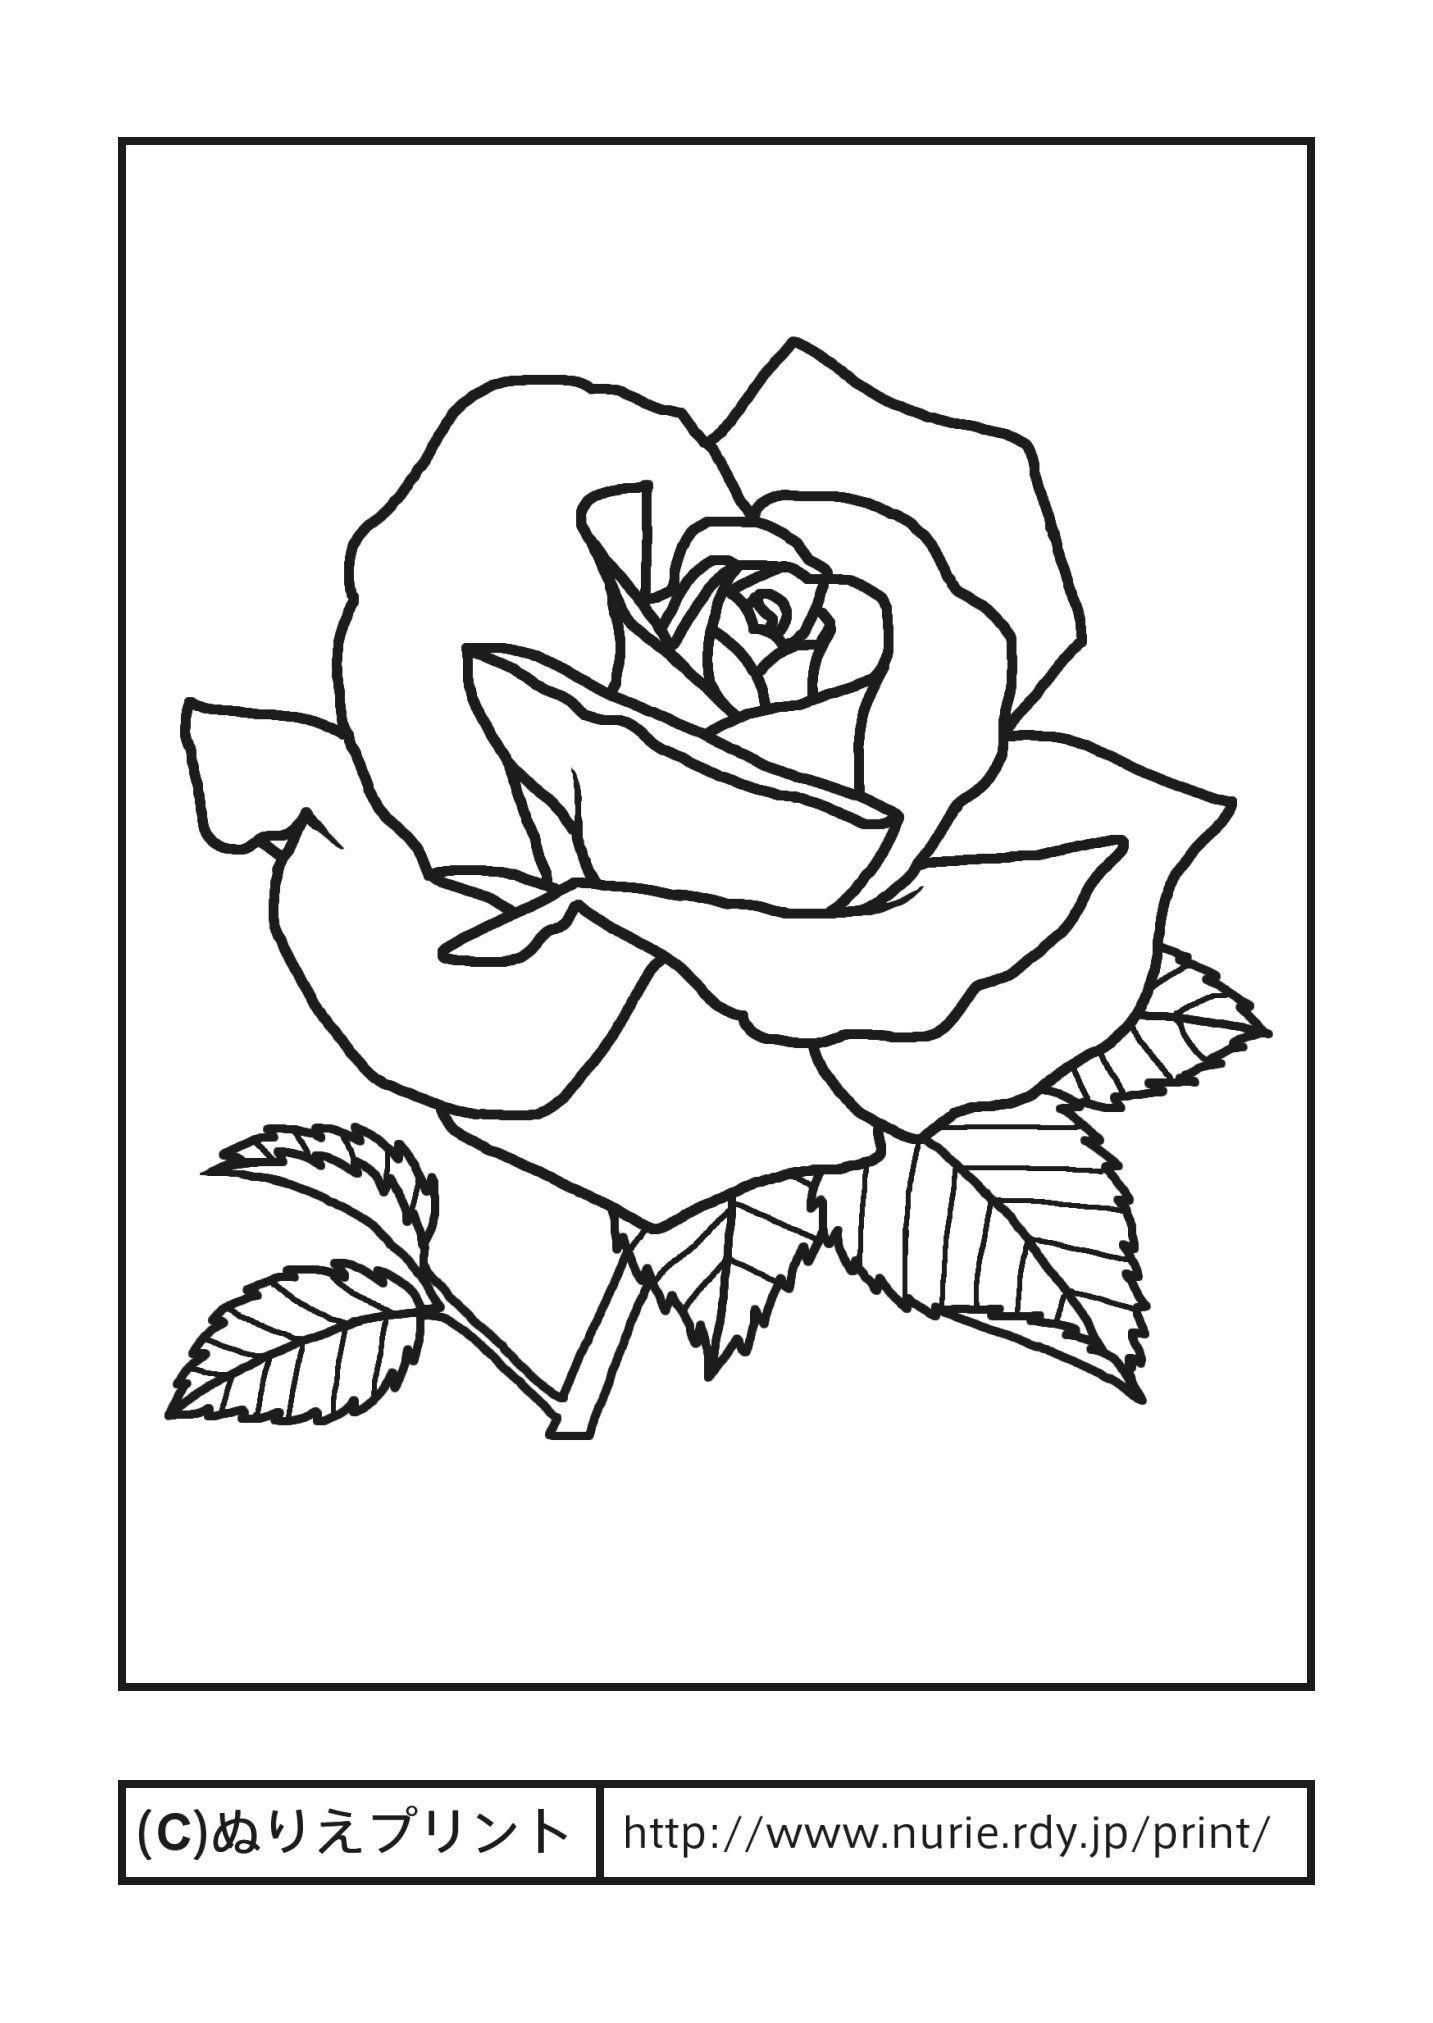 バラ4主線黒花の塗り絵無料イラストぬりえプリント バラ